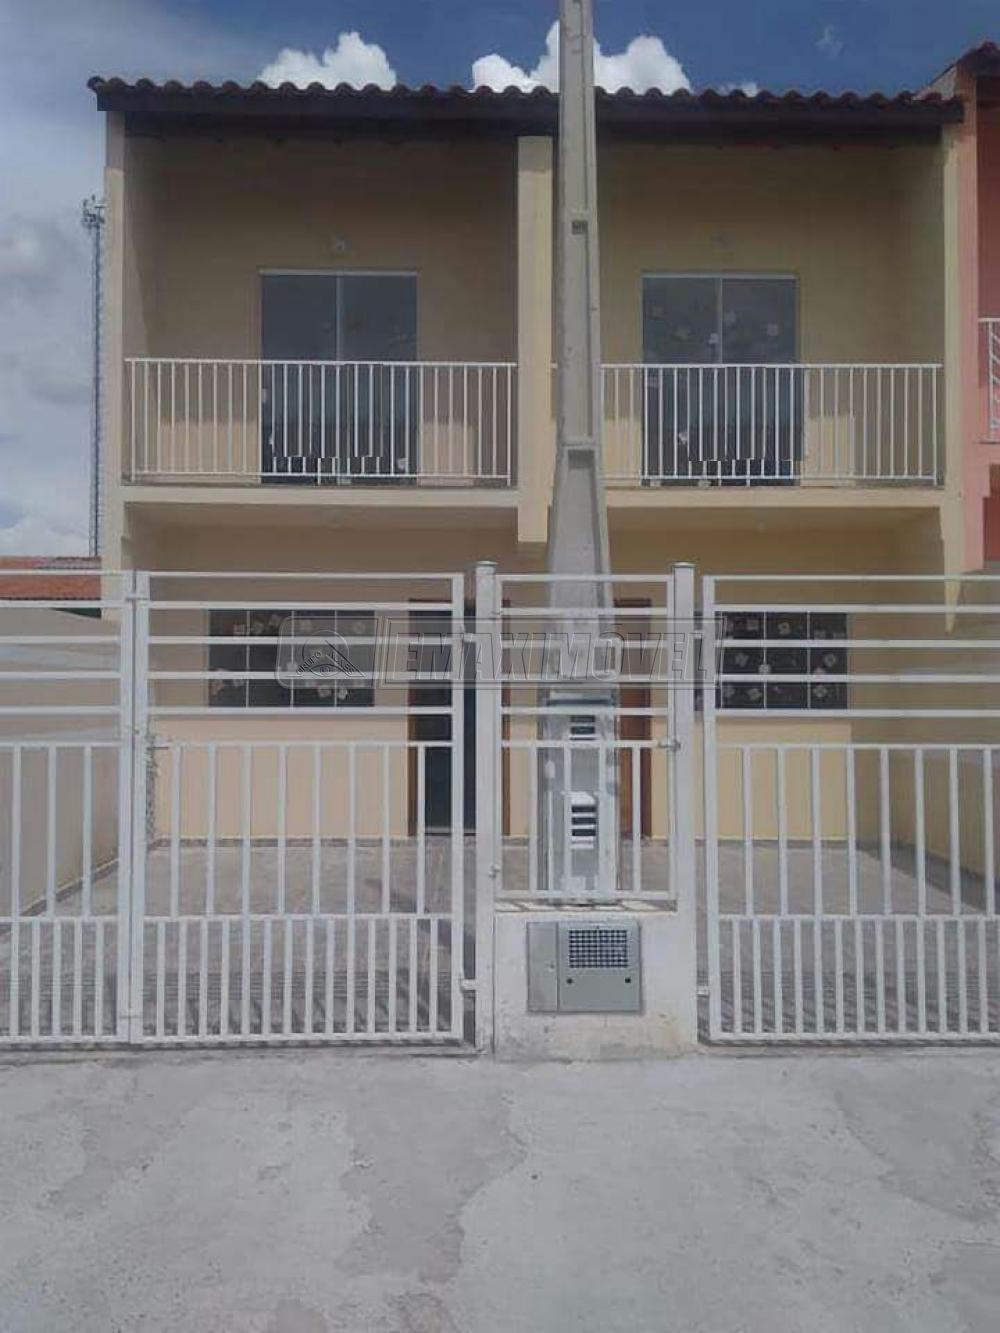 Comprar Casas / em Bairros em Sorocaba apenas R$ 170.000,00 - Foto 1